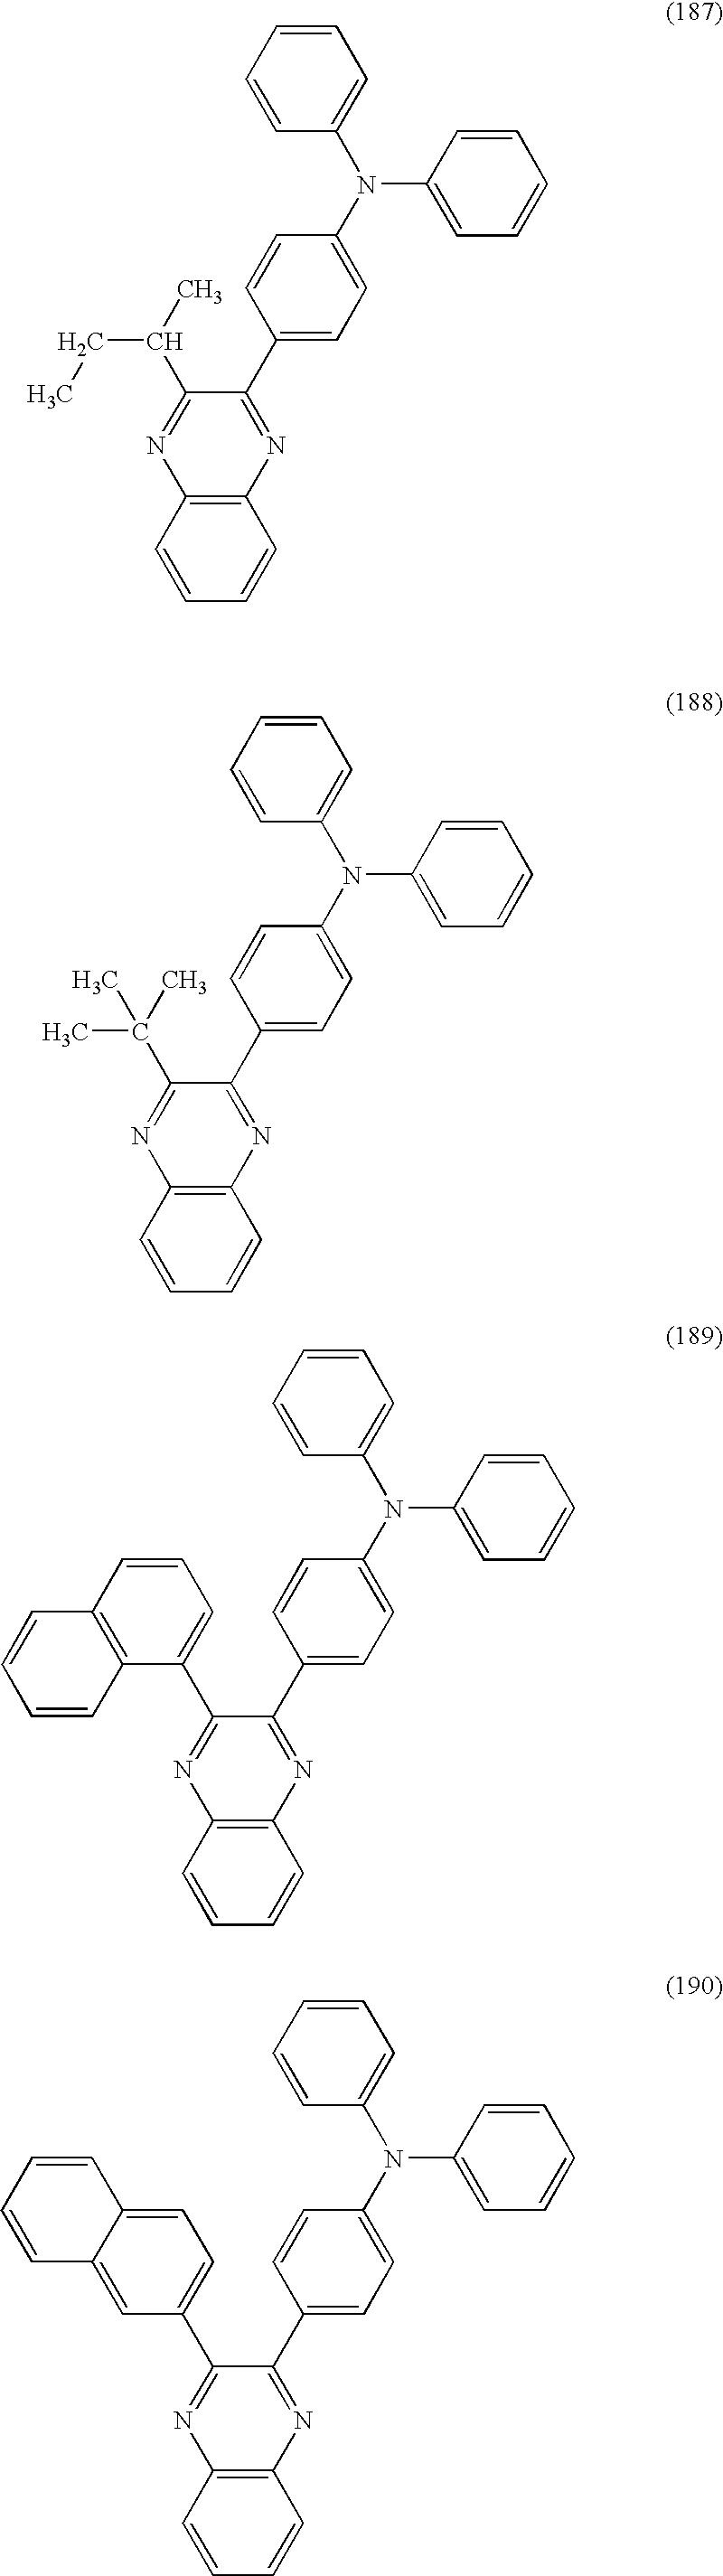 Figure US08178216-20120515-C00064